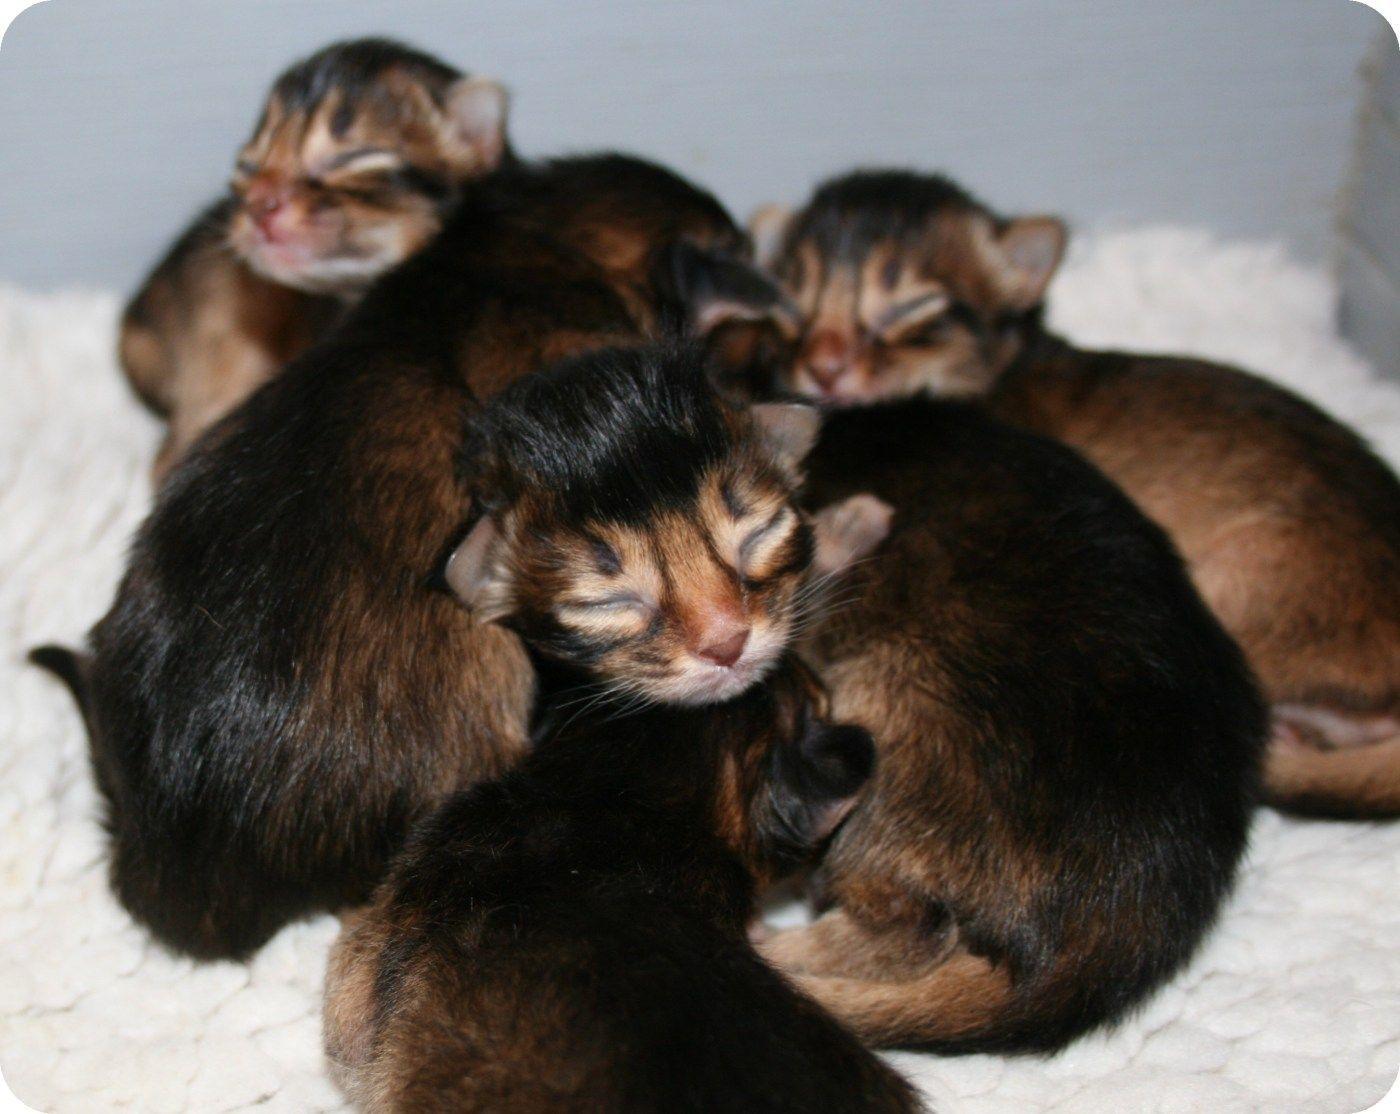 Precious Little Newborn Kitten Sleeping Sleeping Kitten Kittens Cutest Cute Cat Sleeping